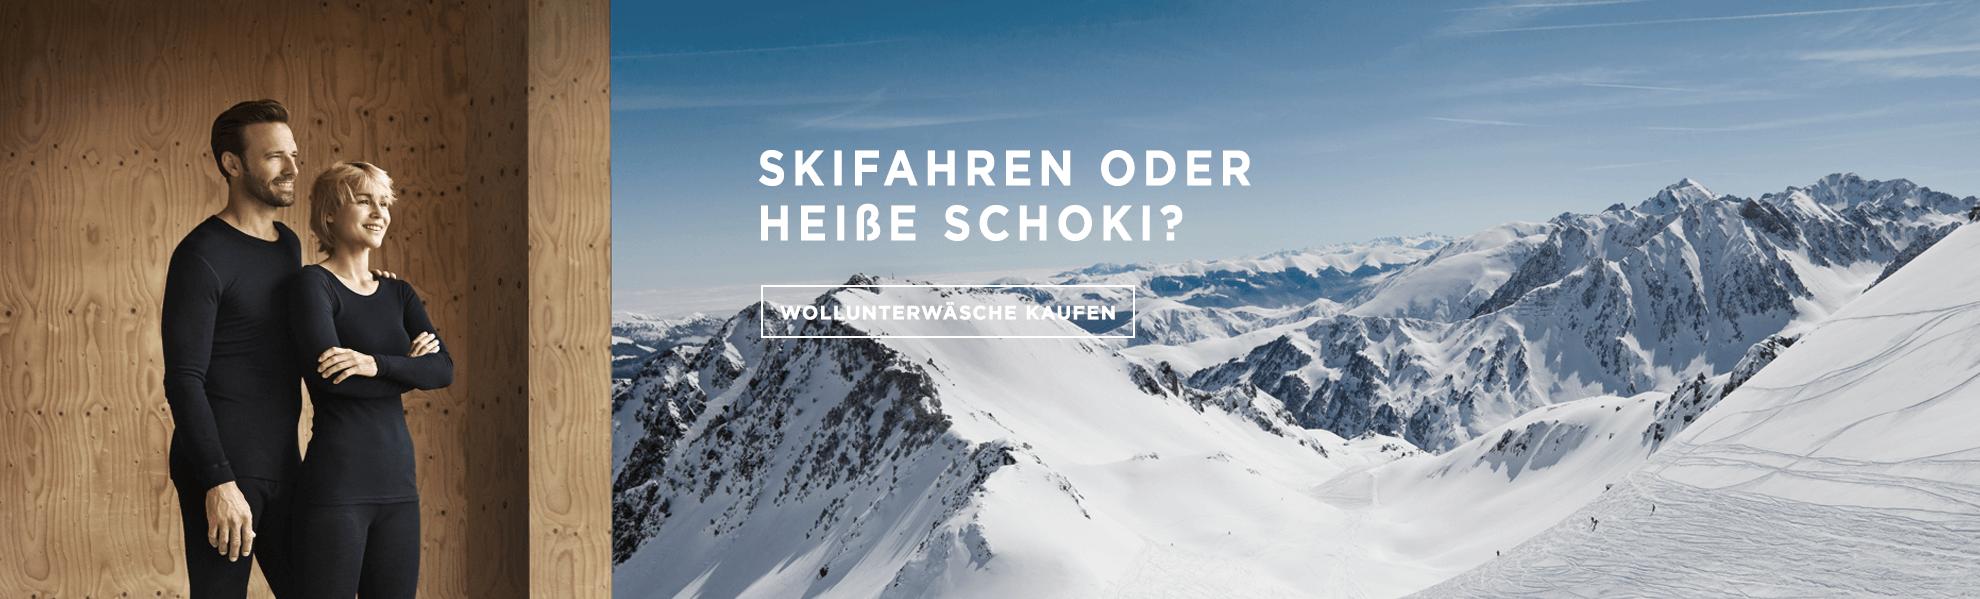 Ski banner